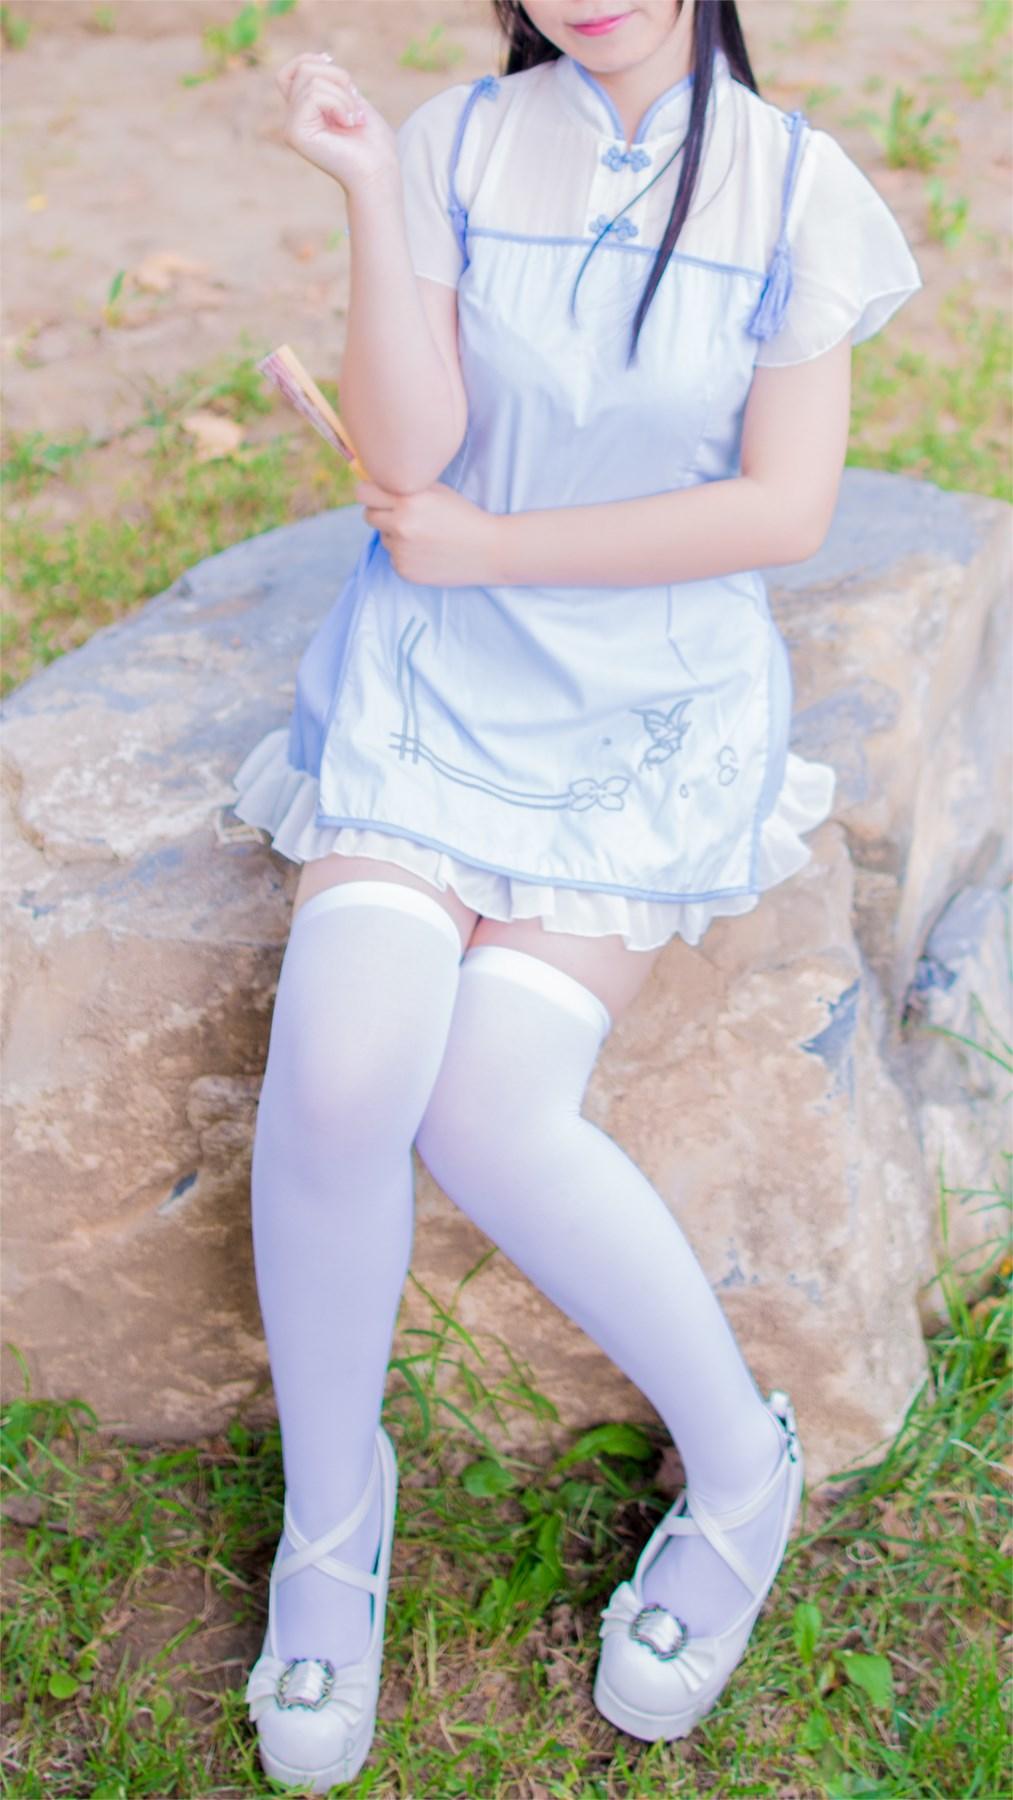 【兔玩映画】白丝旗袍 兔玩映画 第23张